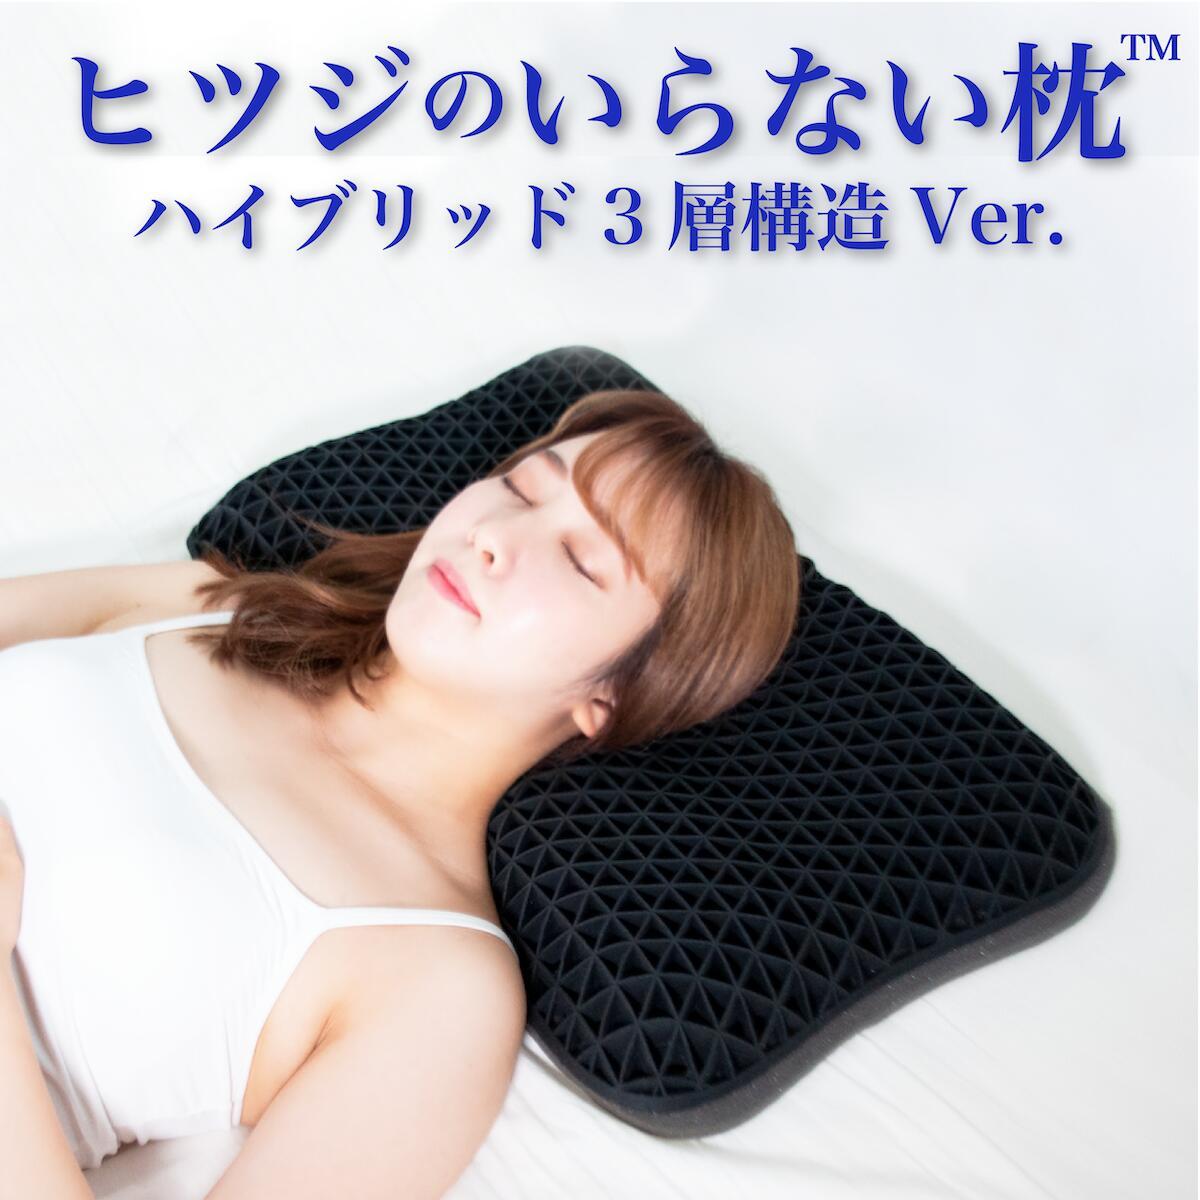 の いらない 枕 ヒツジ 【楽天市場】ヒツジのいらない枕 送料無料